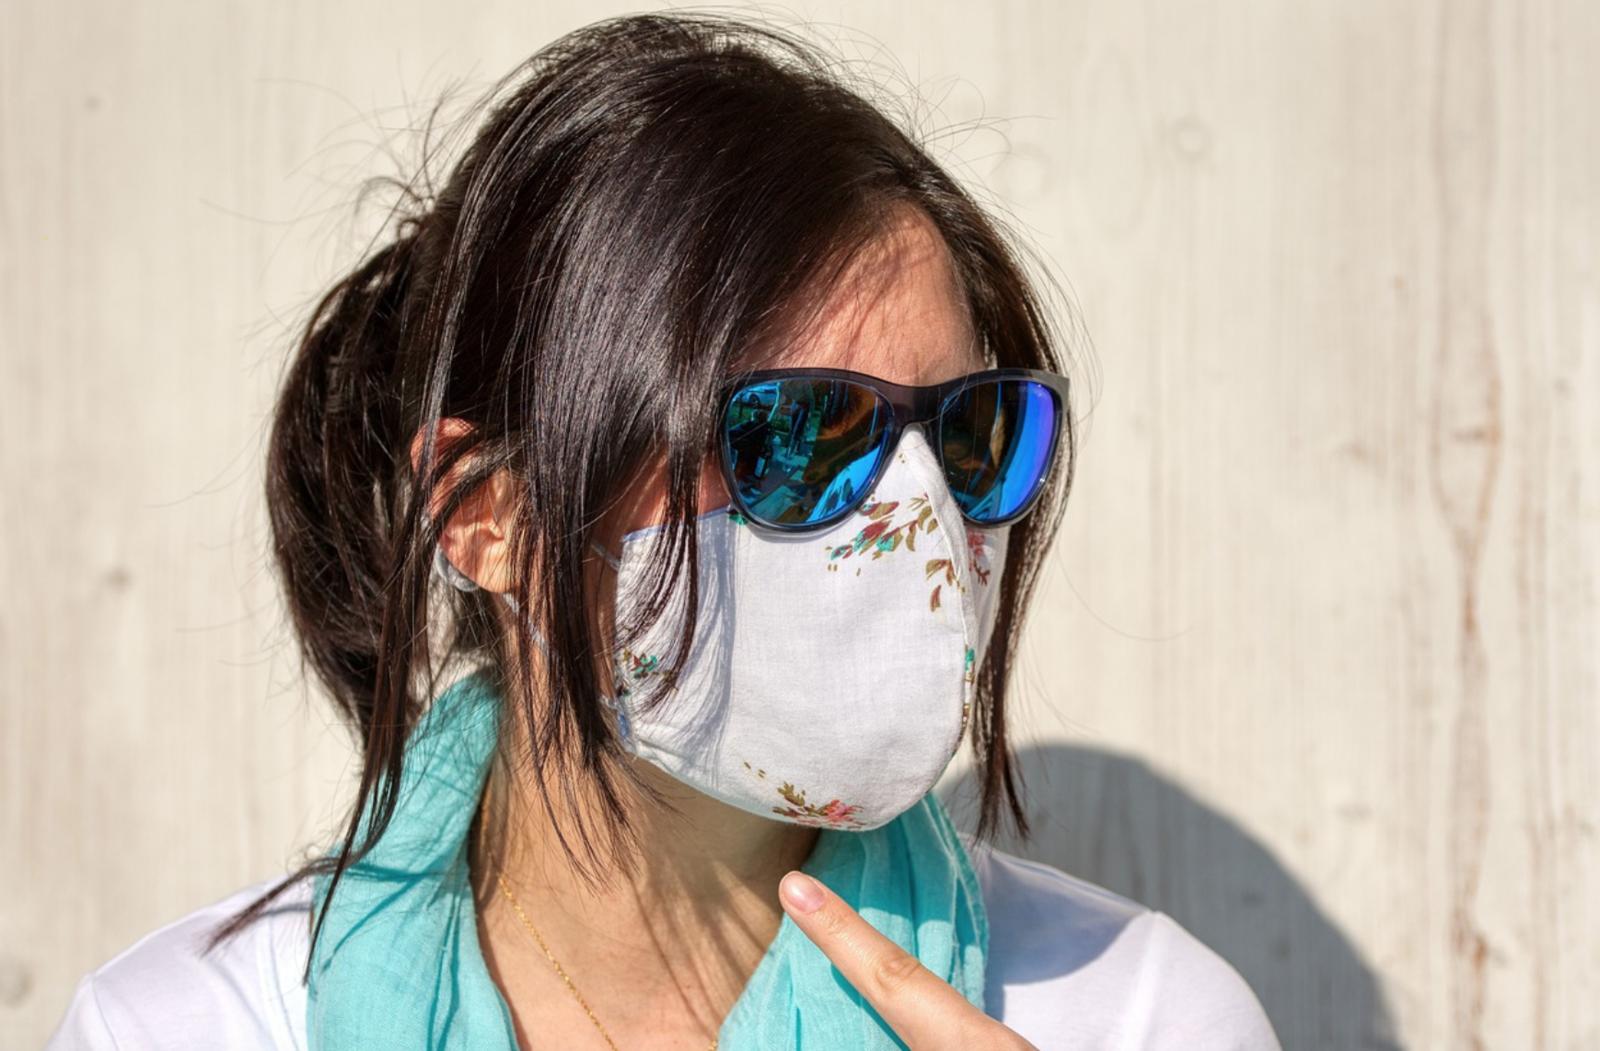 Réouverture de la frontière France-Espagne dimanche 21 juin : masque obligatoire à partir de 6 ans !